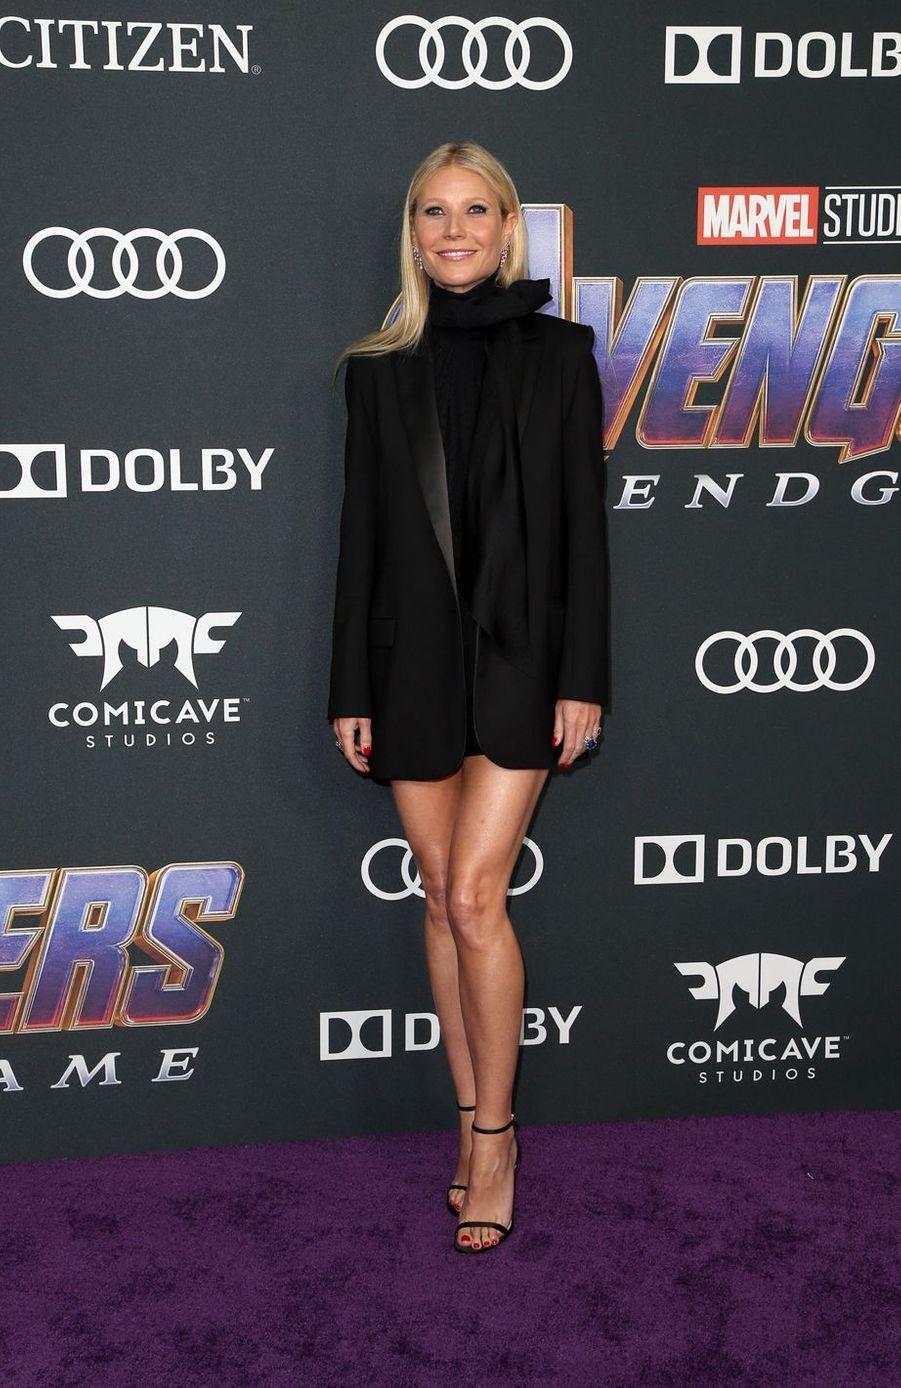 Gwyneth Paltrowà l'avant-première d'«Avengers : Endgame» à Los Angeles le 22 avril 2019